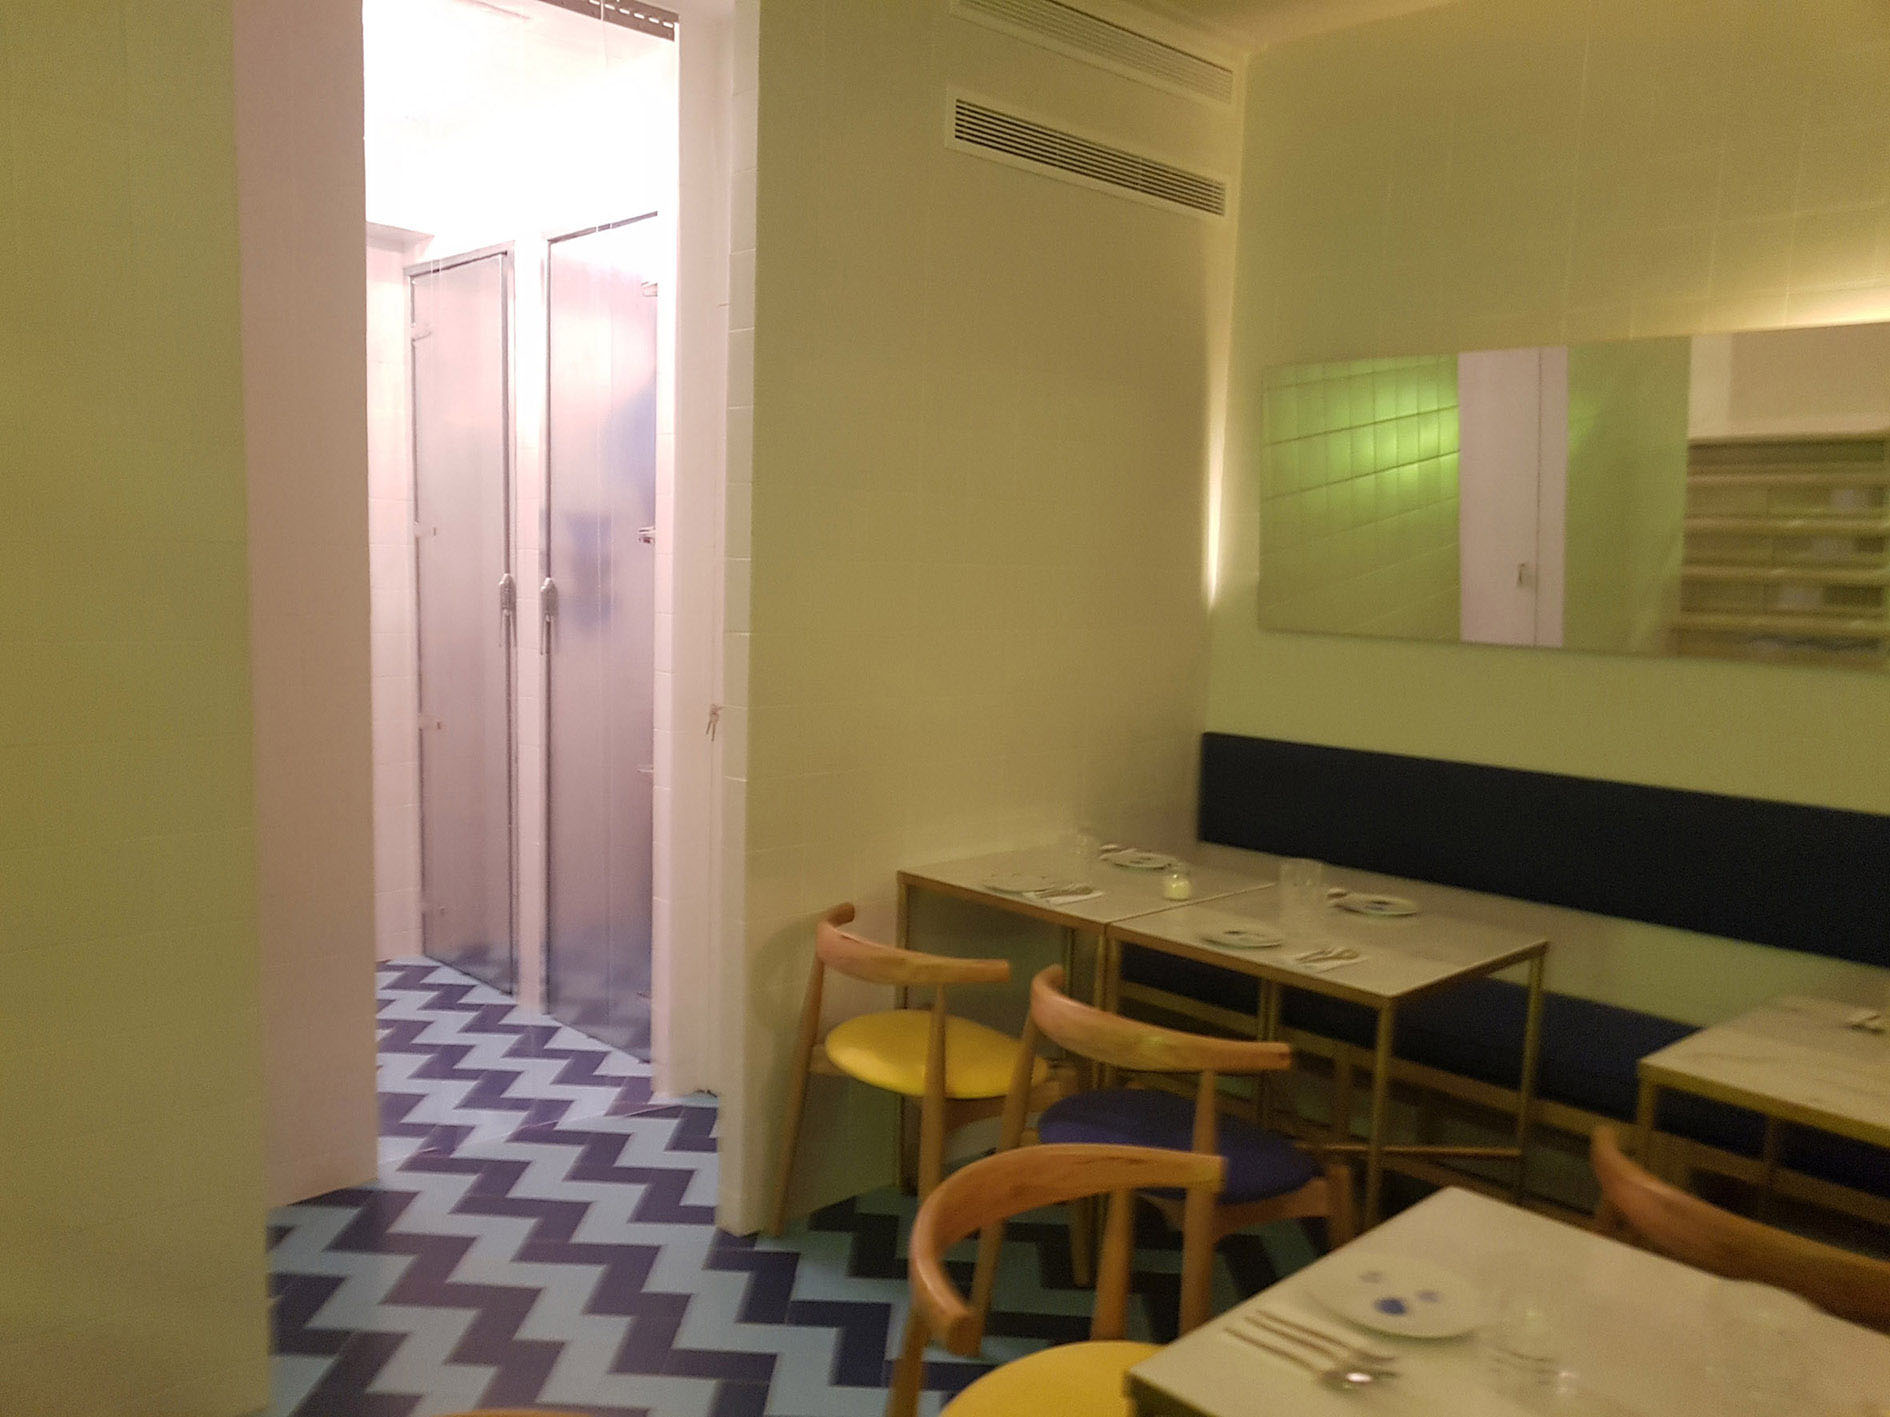 la-cebicheria-de-trafalgar-restaurante-proyectos-hosteleria-puesta-marcha-madrid-hosteleria-mobiliario-diseño-cocinas-decoracion-menaje-vajilla3